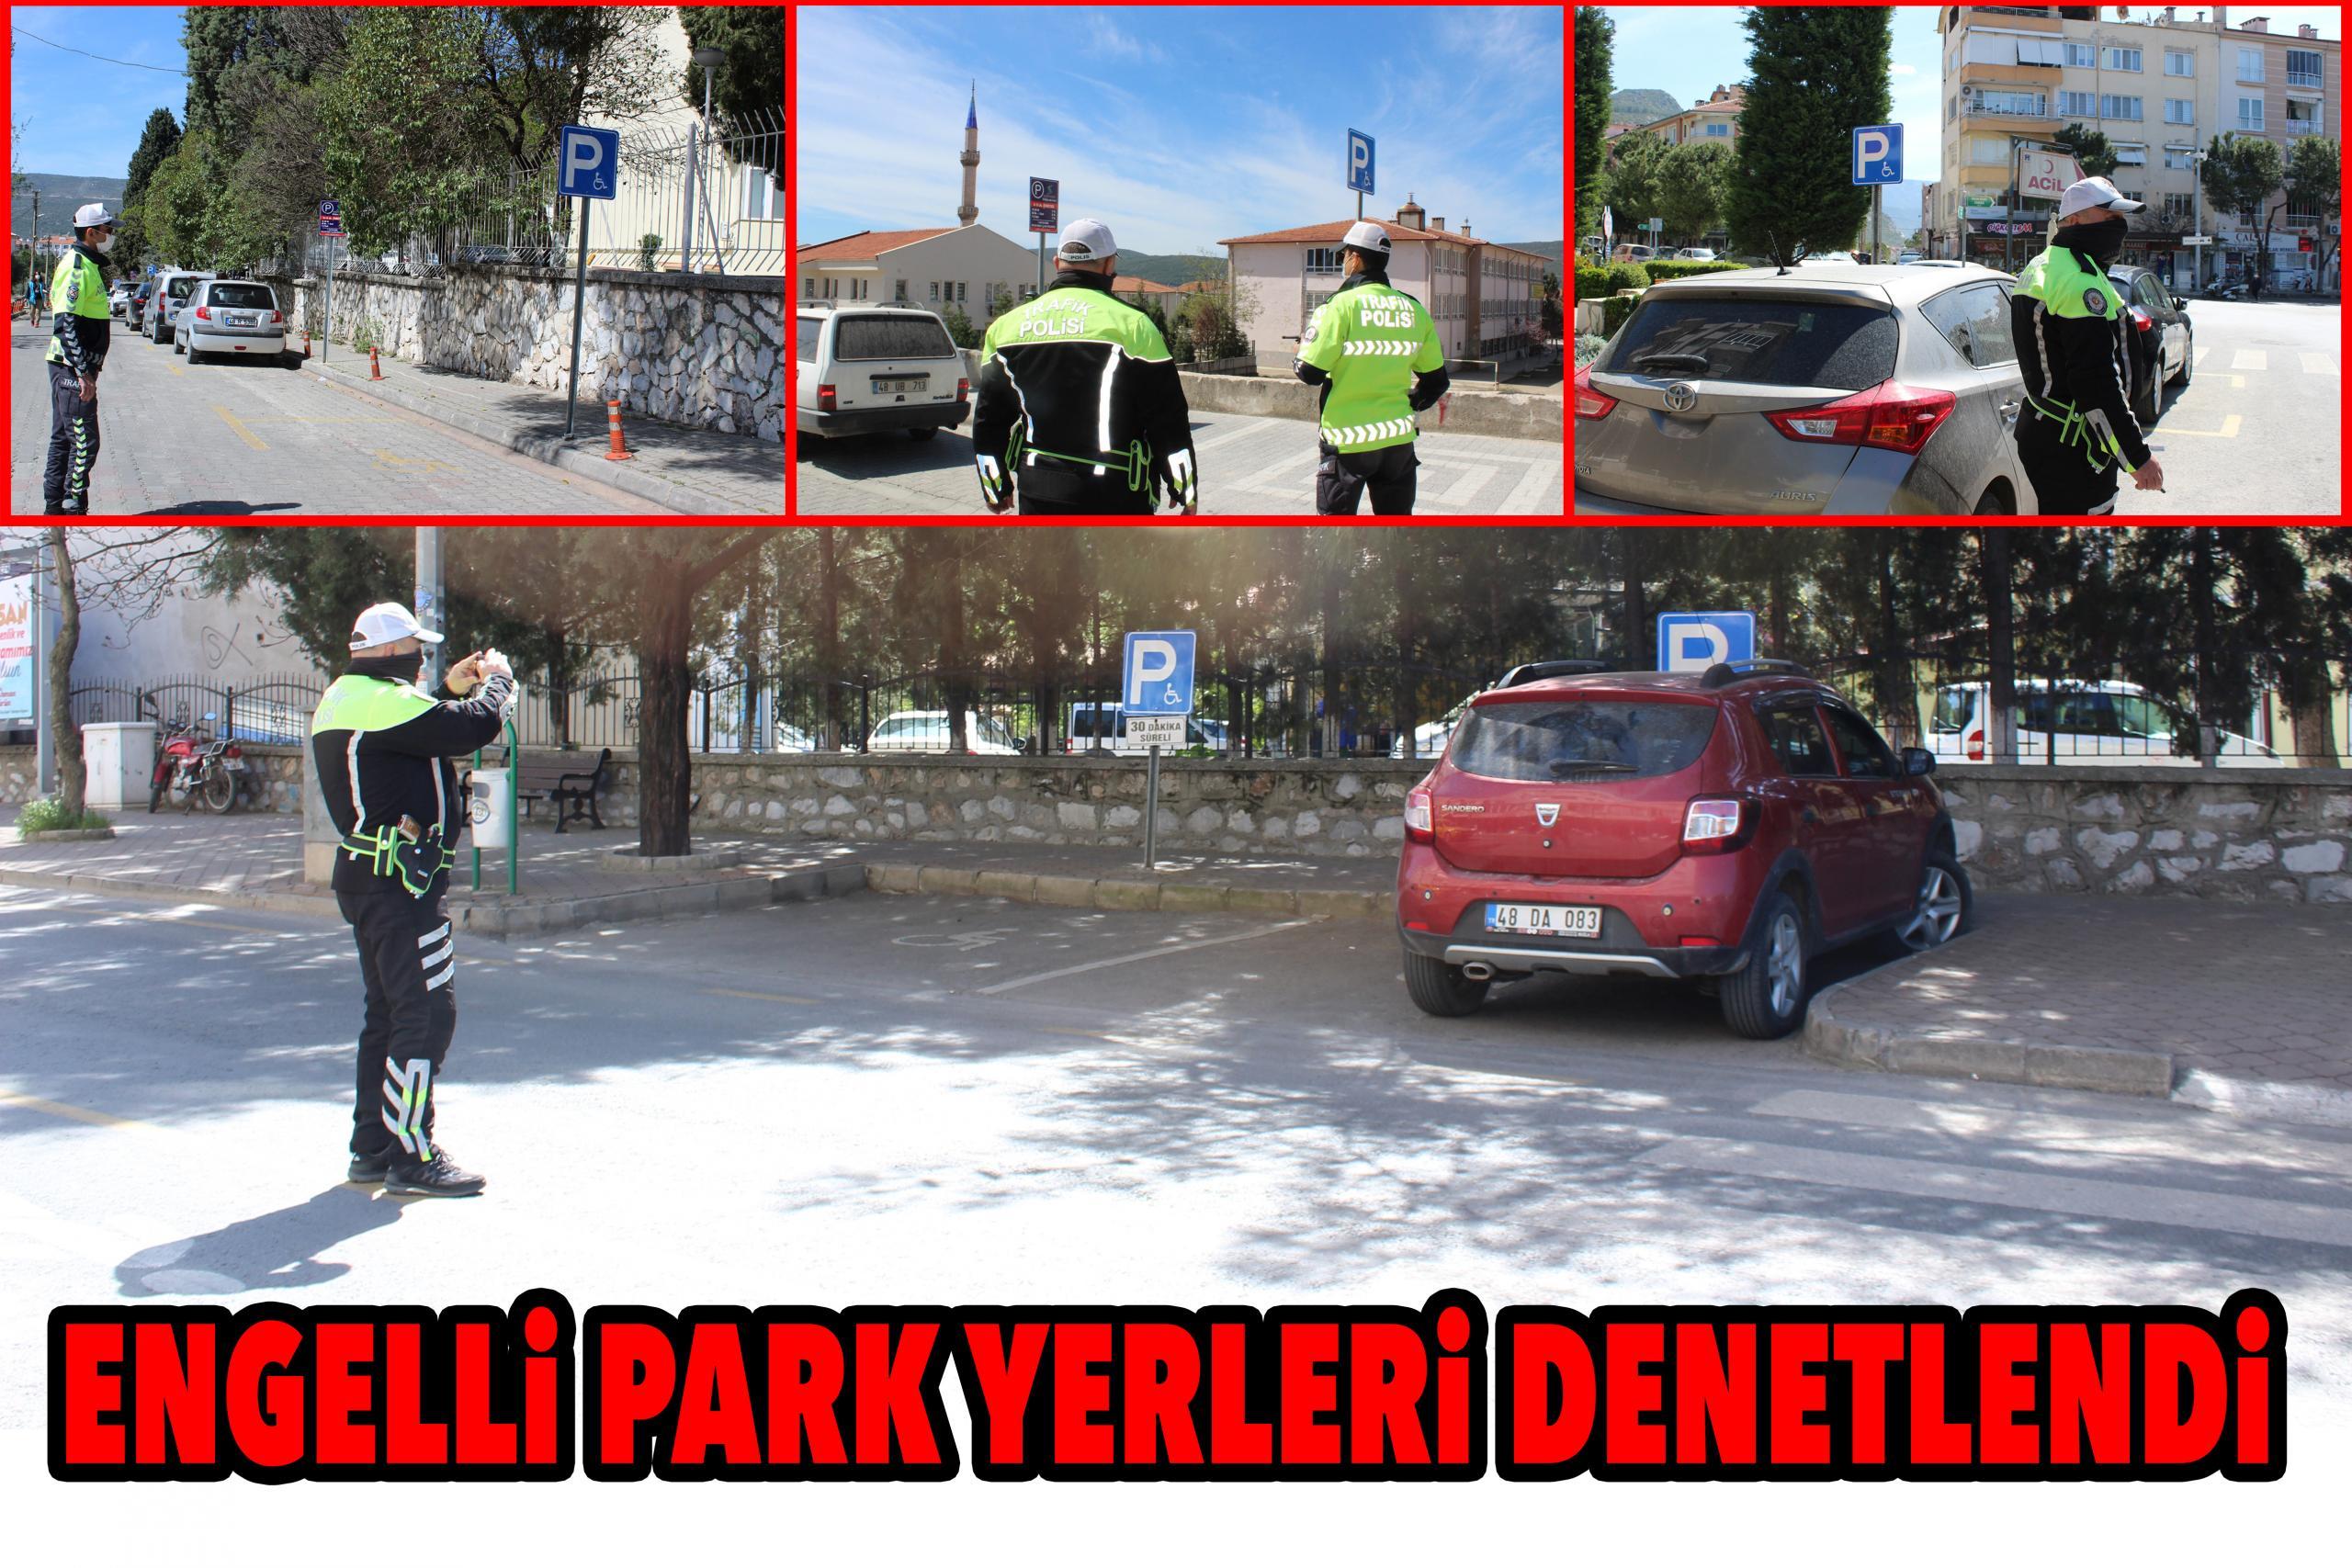 ENGELLİ PARK YERLERİ DENETLENDİ